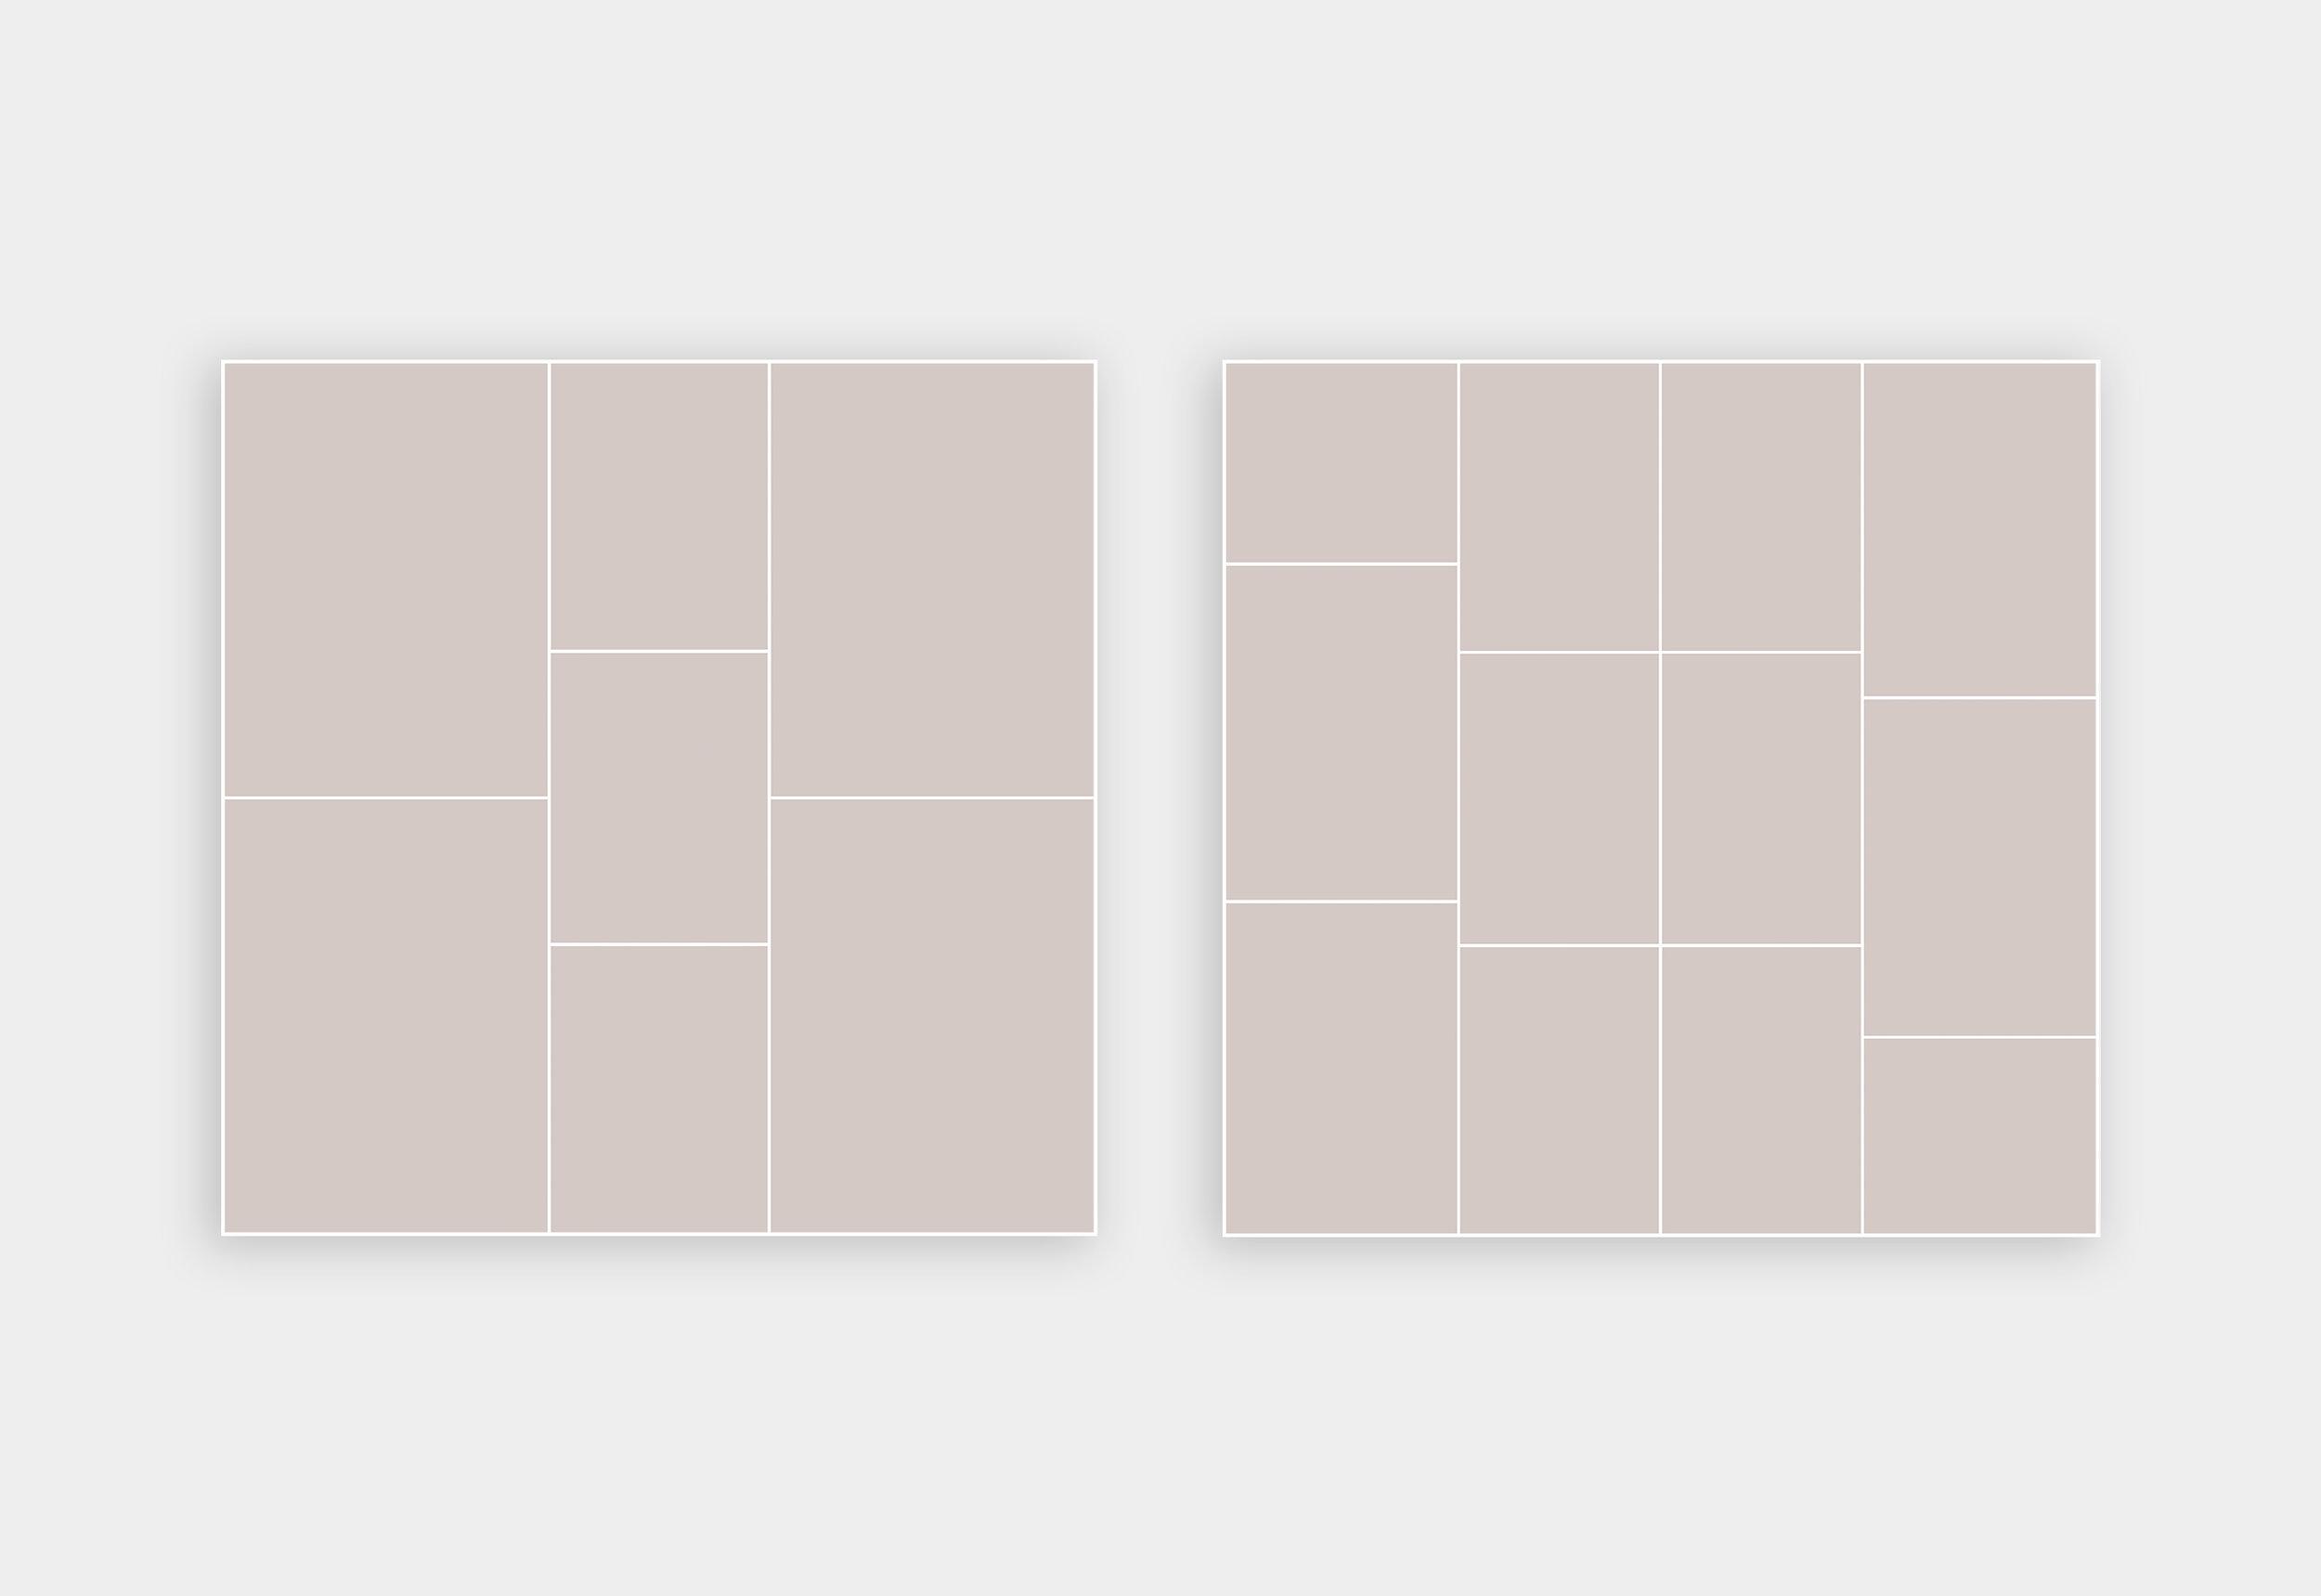 Desktop-TwoGrids-3.jpg